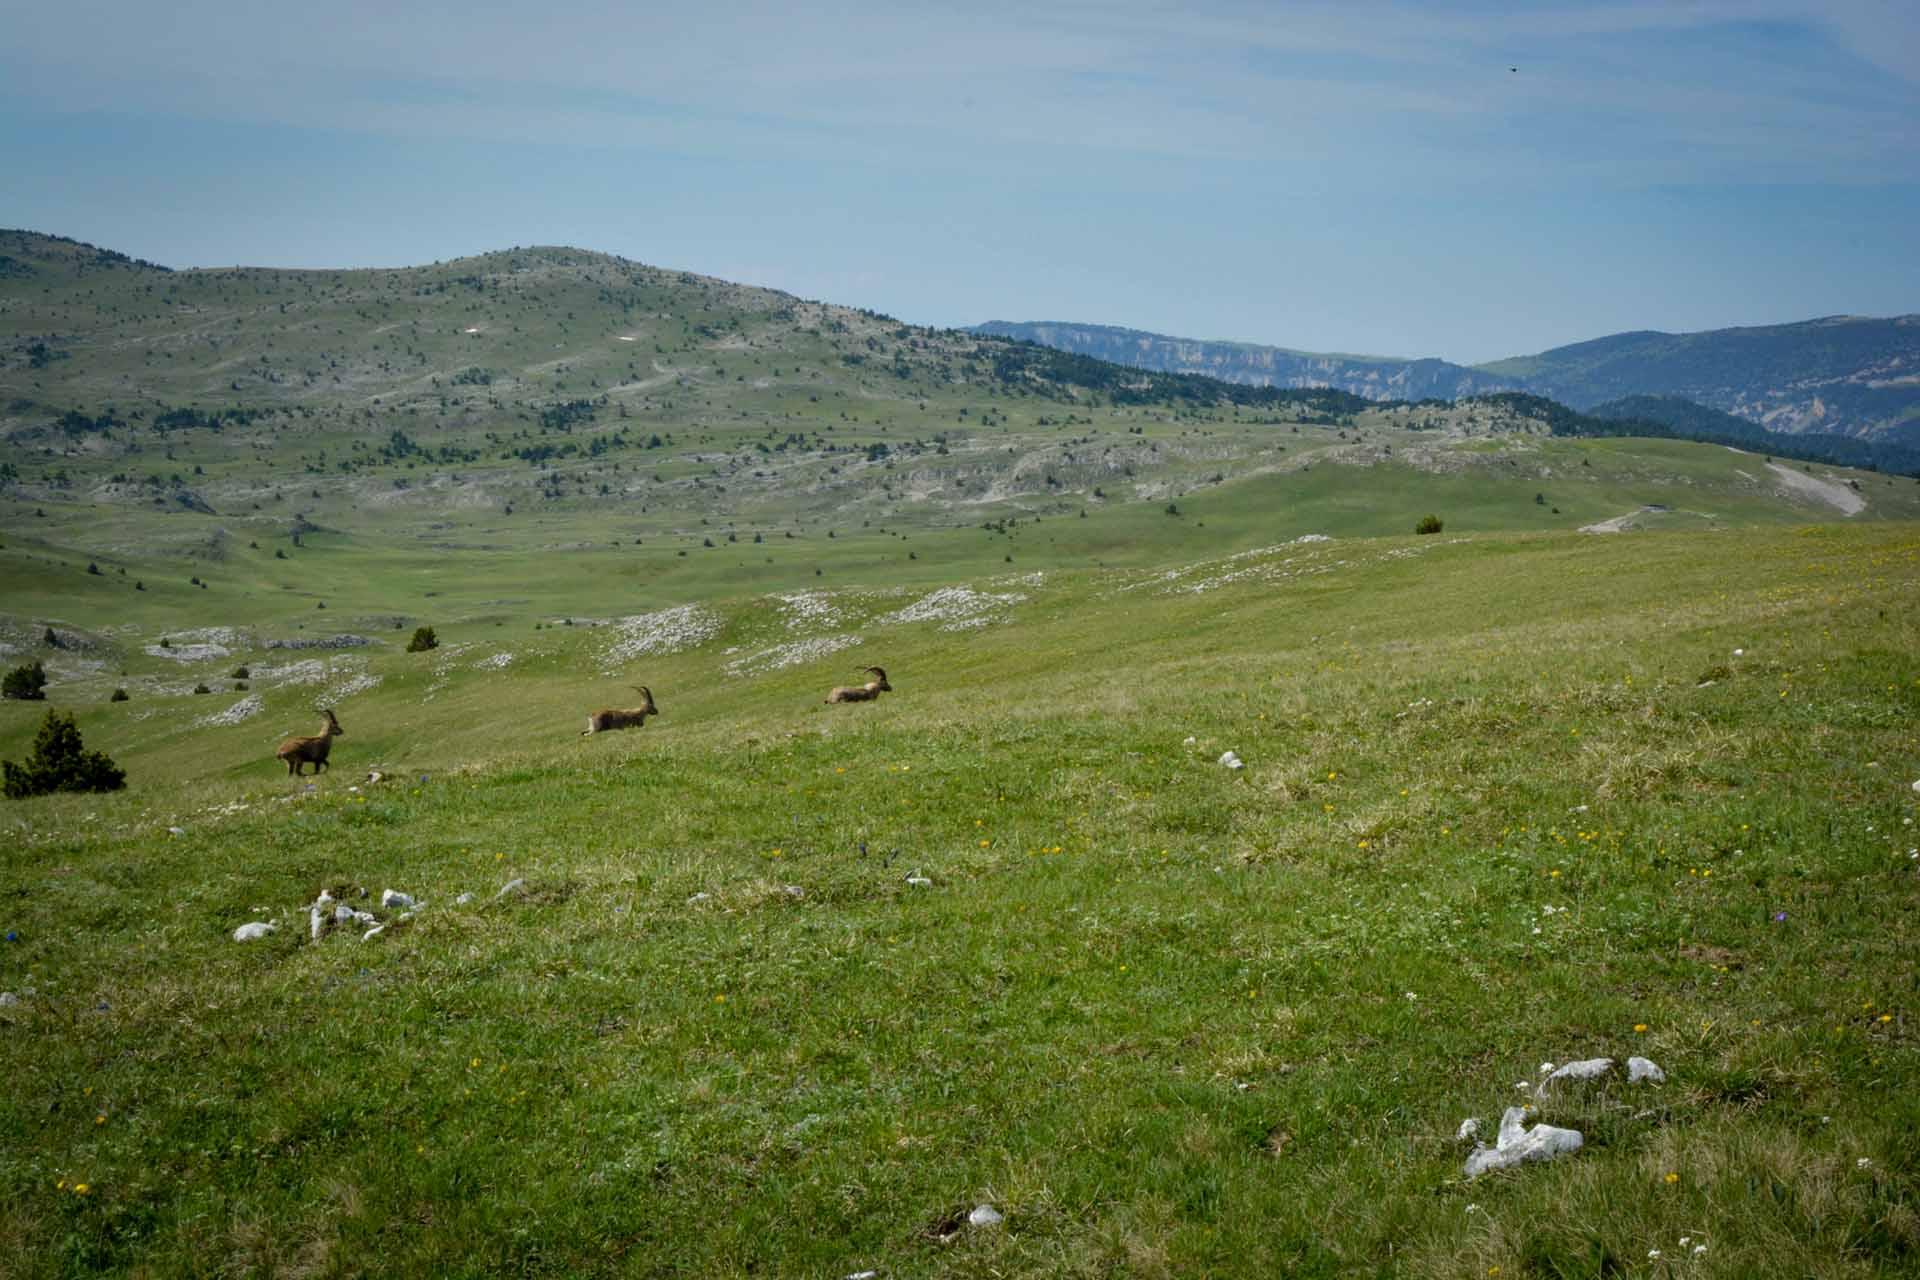 Slow Rando Sejour Liberte Decouverte Bivouac Hauts Plateaux Vercors Mont Aiguille Bouquetins